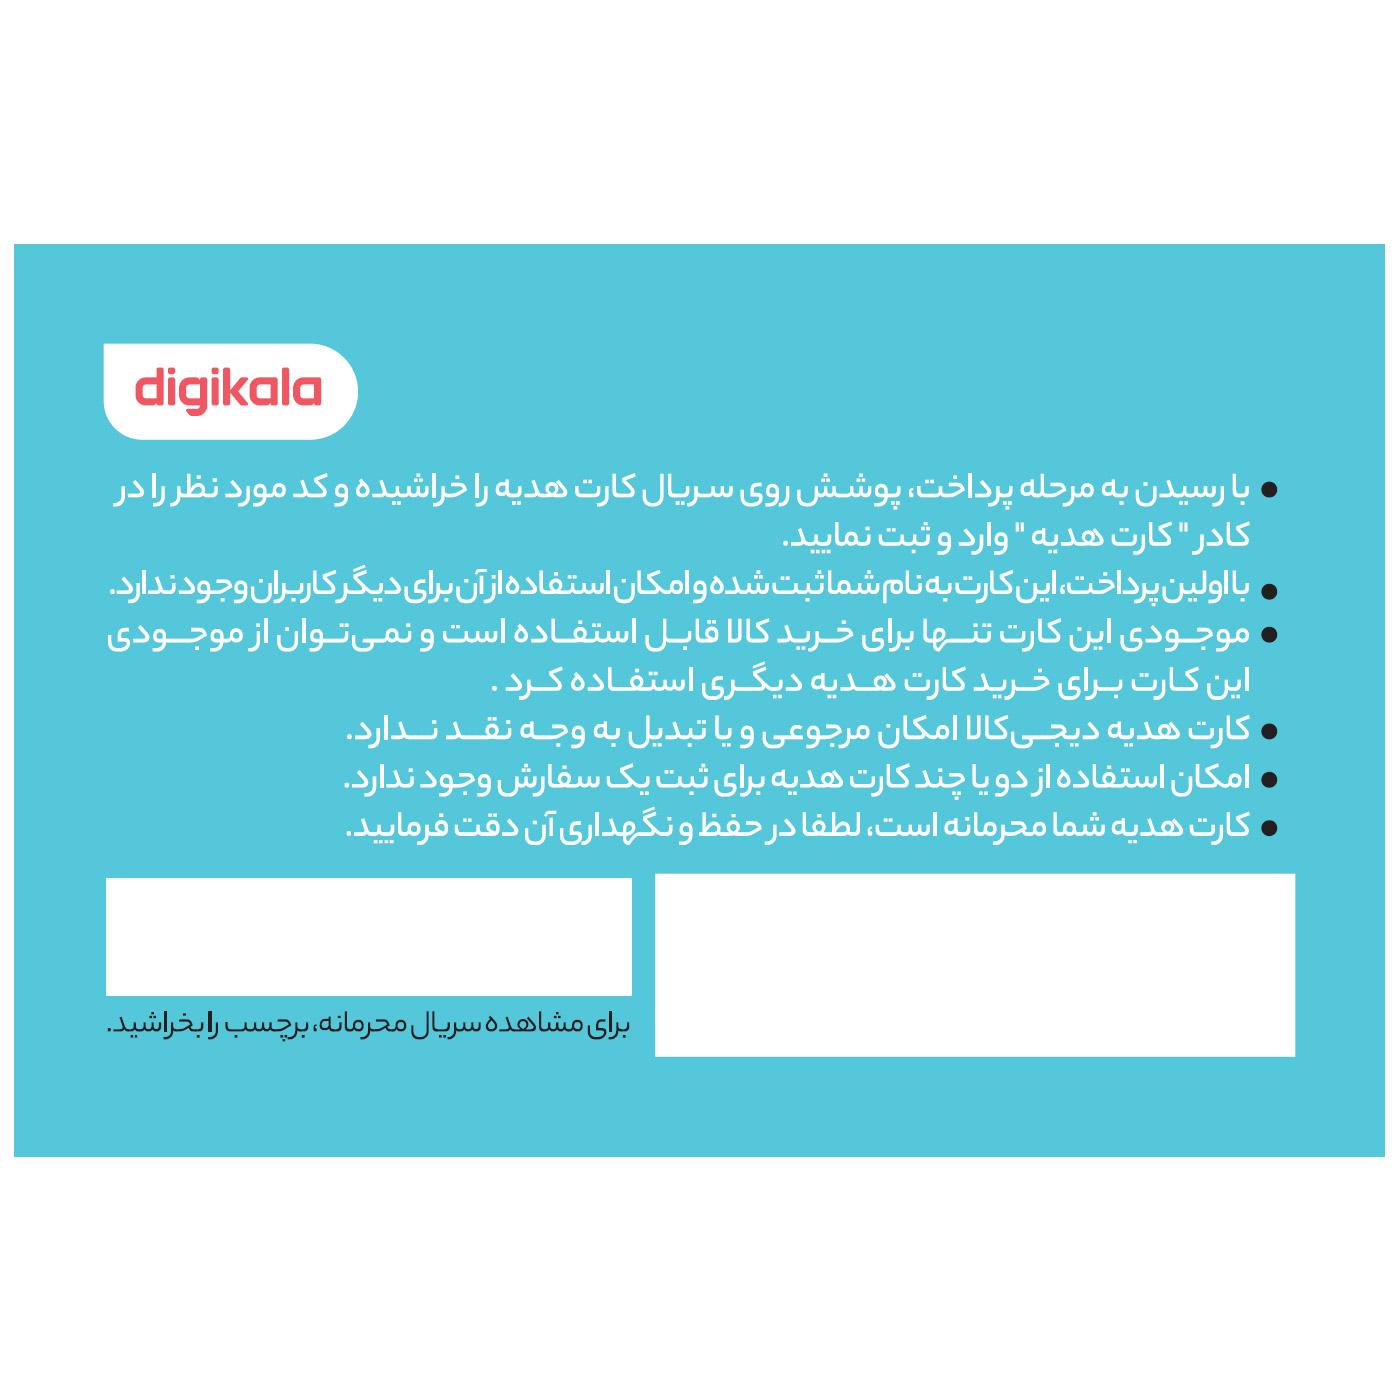 کارت هدیه دیجی کالا به ارزش 1.000.000 تومان طرح مهربانی thumb 3